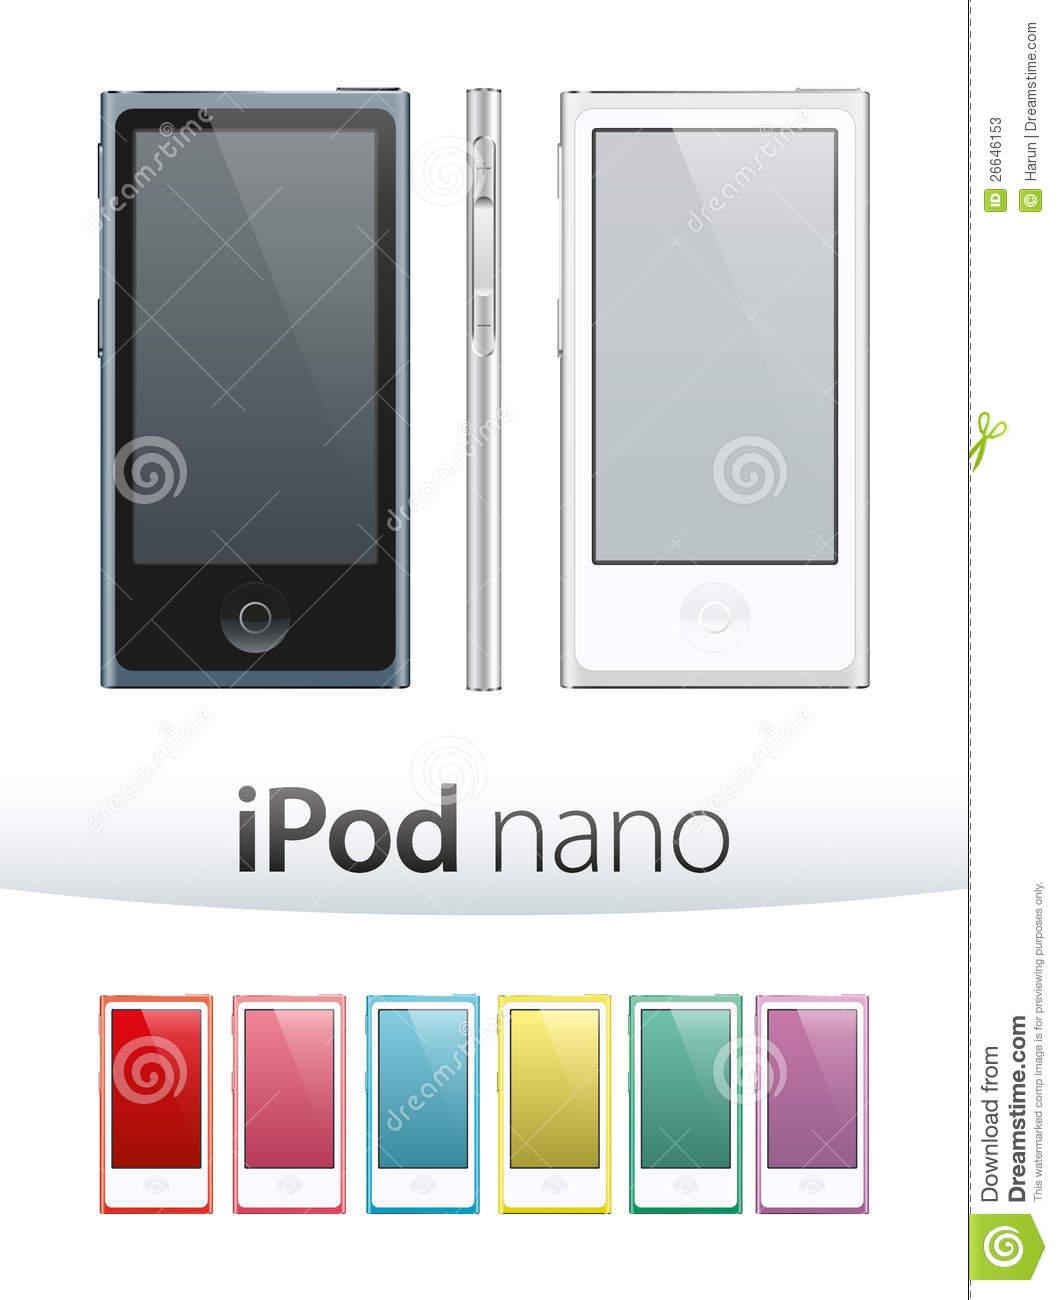 Ipod nano clipart.